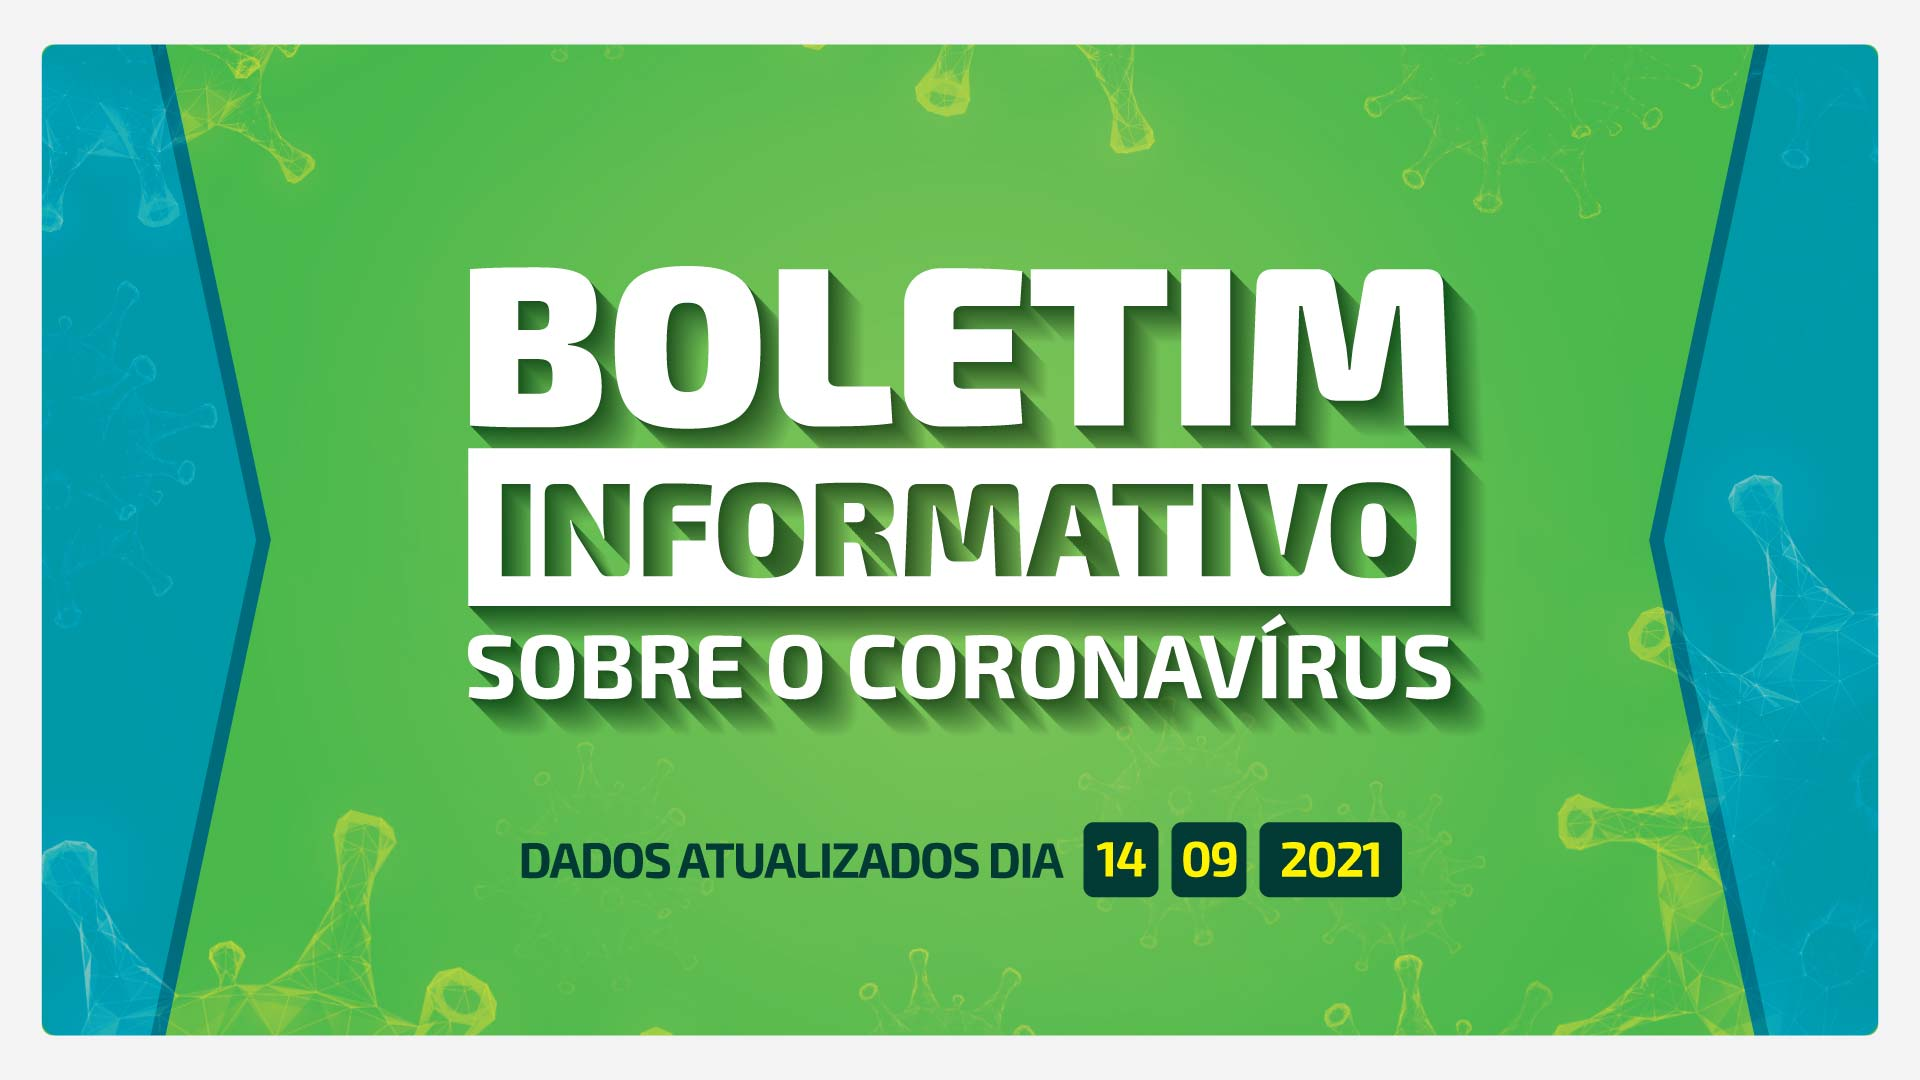 BOLETIM DIÁRIO DA COVID-19 EM BARRA BONITA - 14 DE SETEMBRO DE 2021